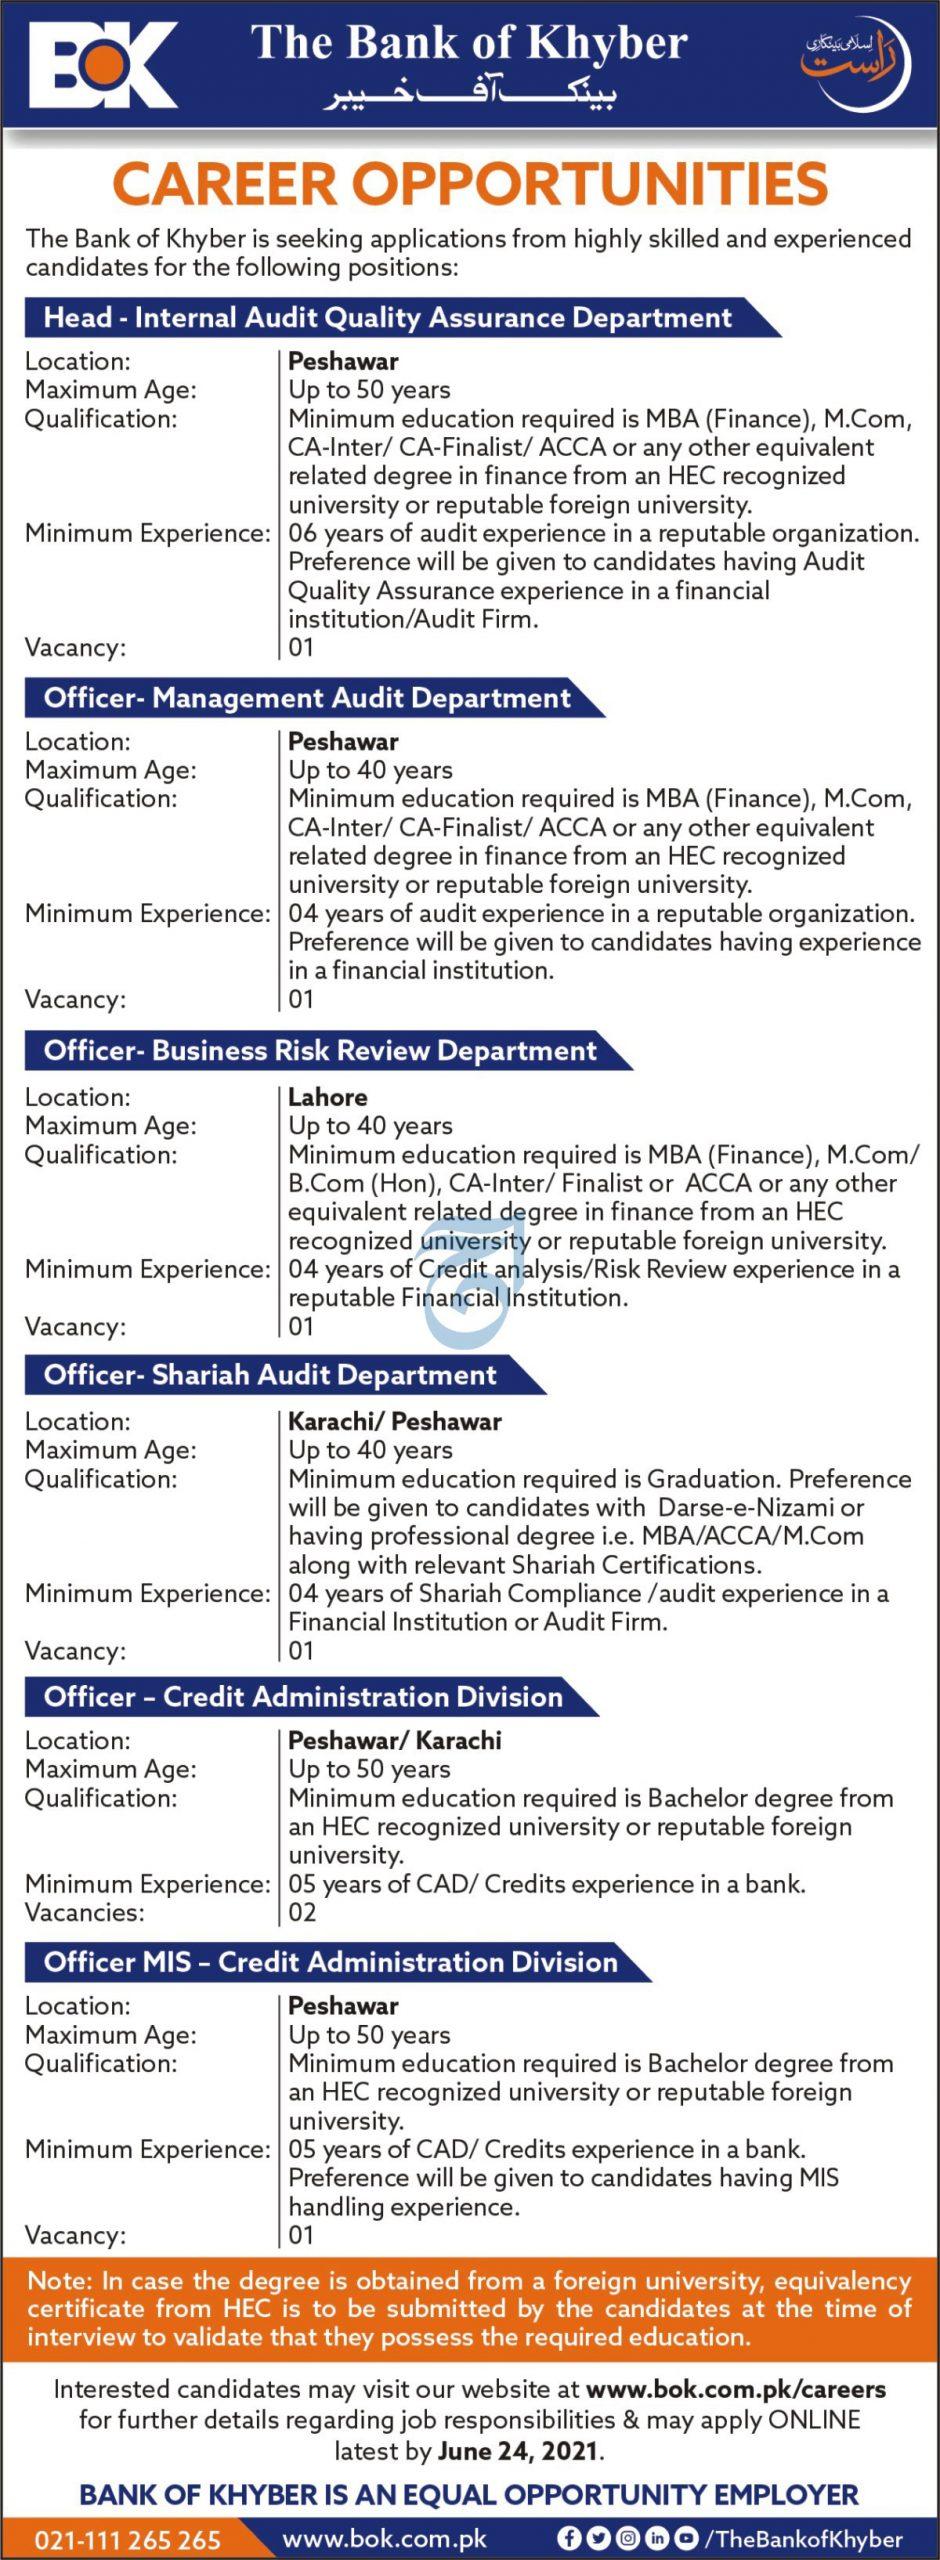 Bank of Khyber BOK Jobs 2021 in Pakistan - Apply Online via www.bok.com.pk